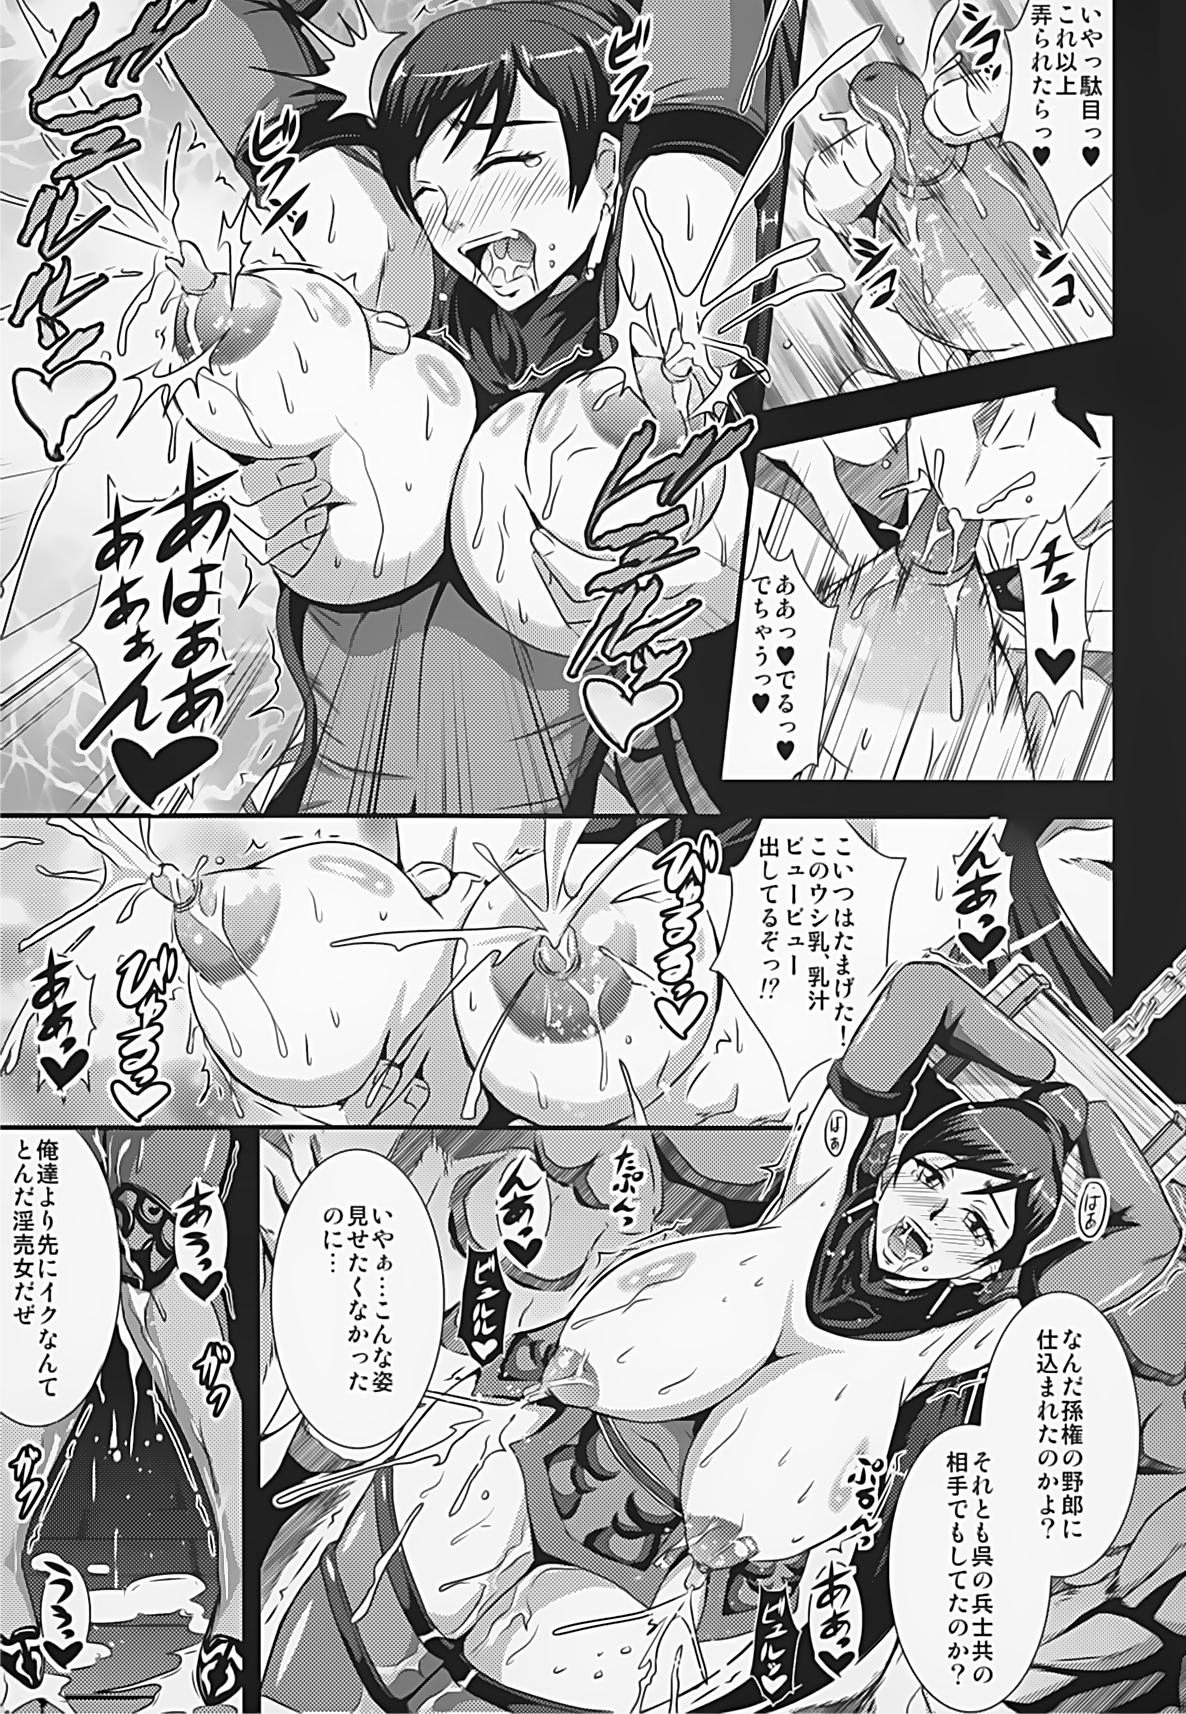 Gisho ・Renshiden 6